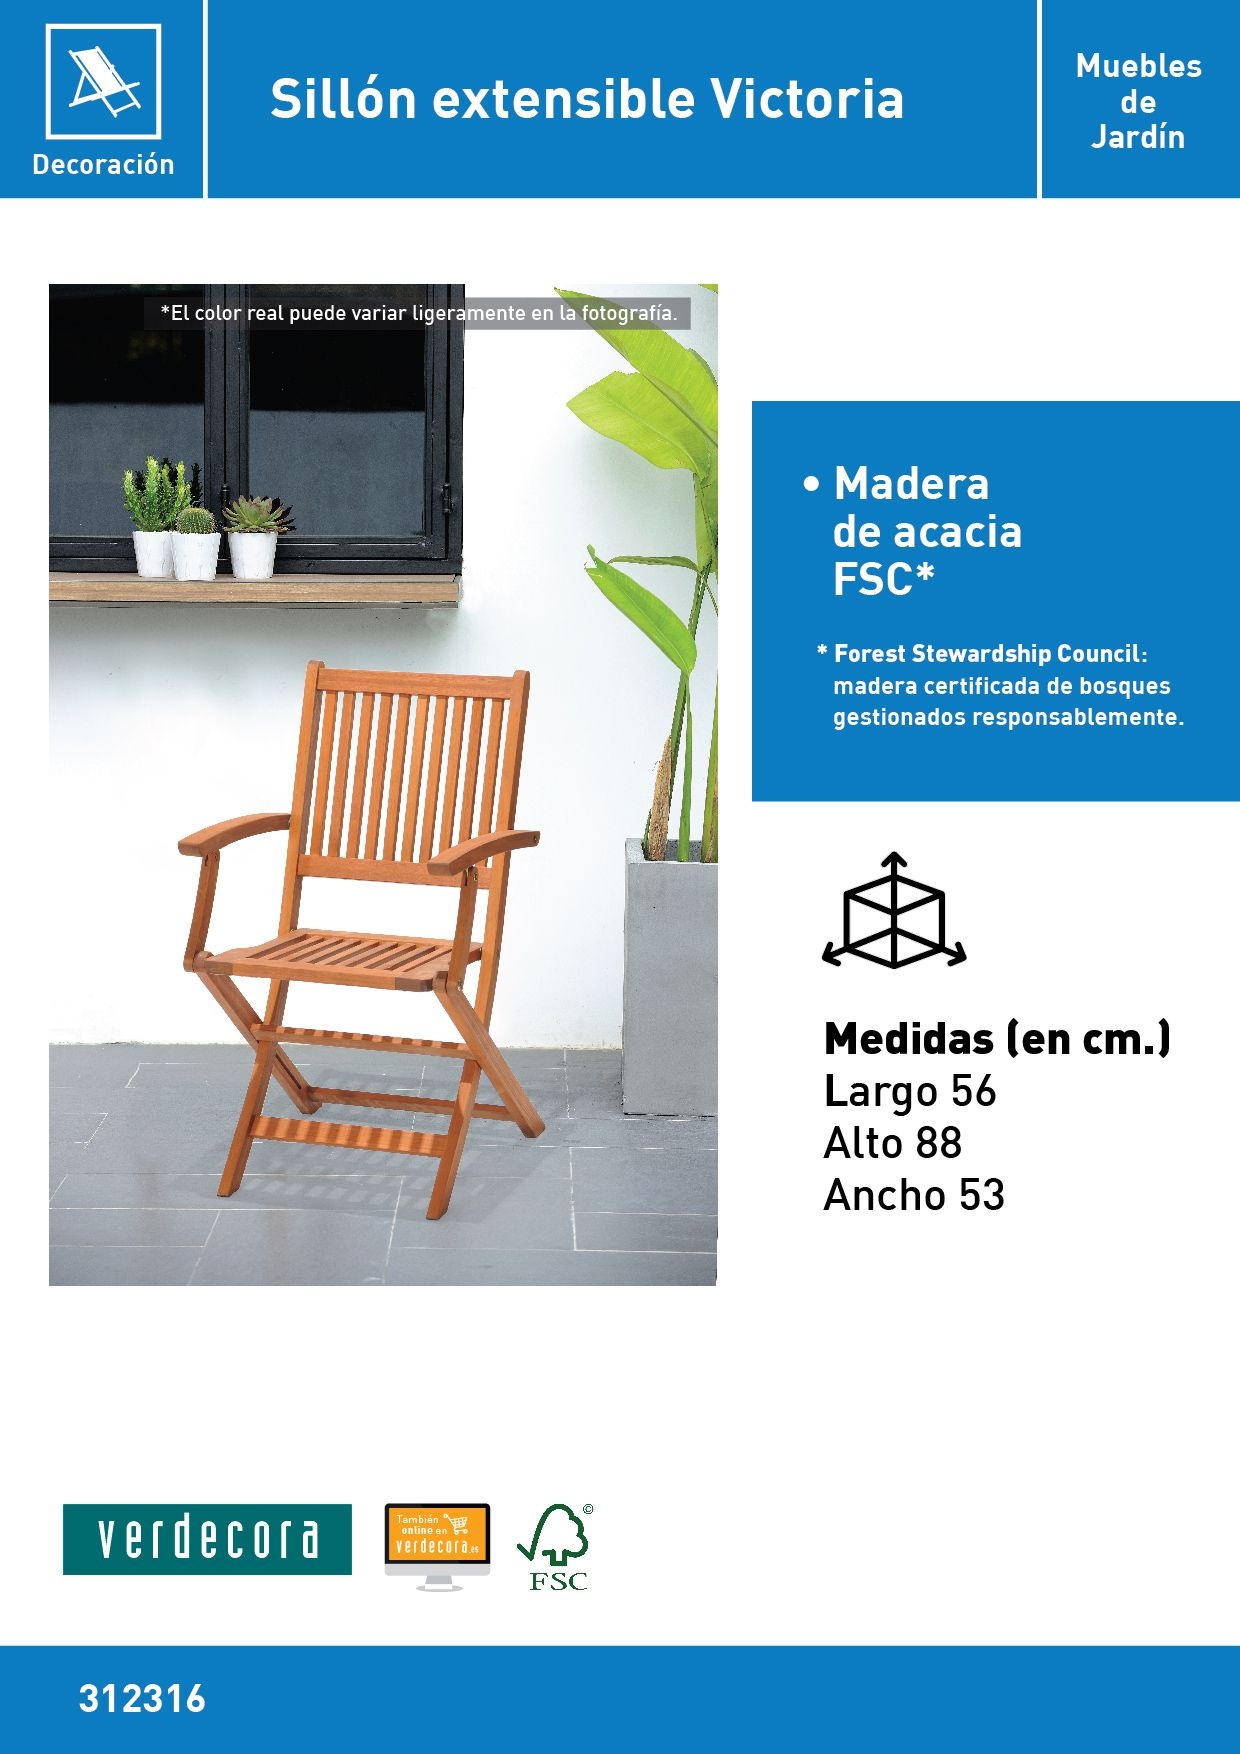 Dorable Muebles De Jardín Bosques Cresta - Muebles Para Ideas de ...